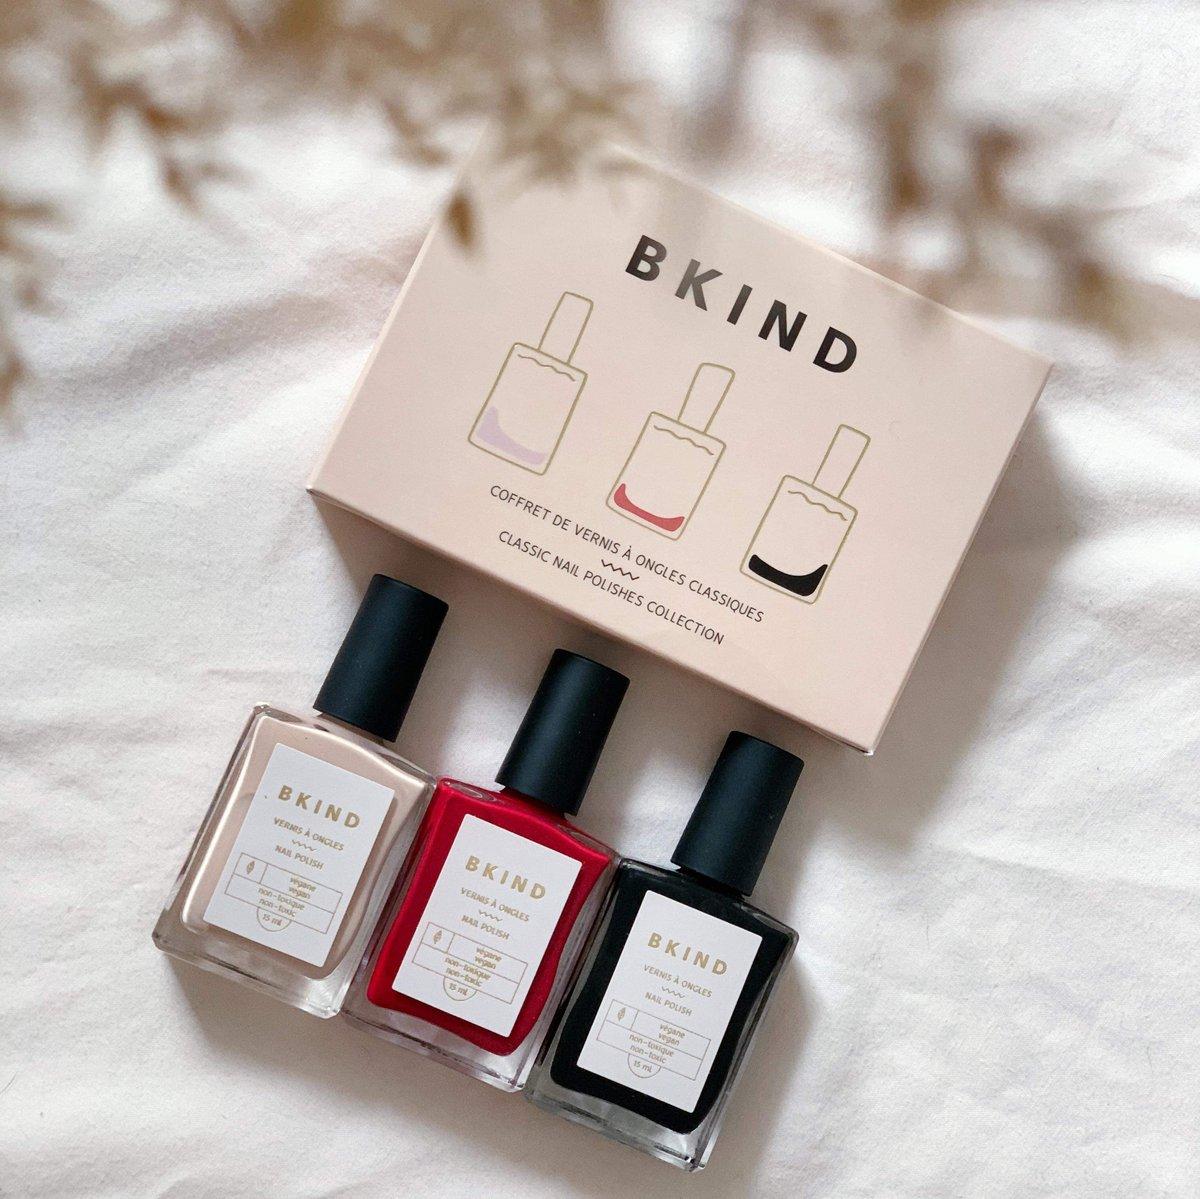 Cliquez ici pour acheter Classic nail polish gift set